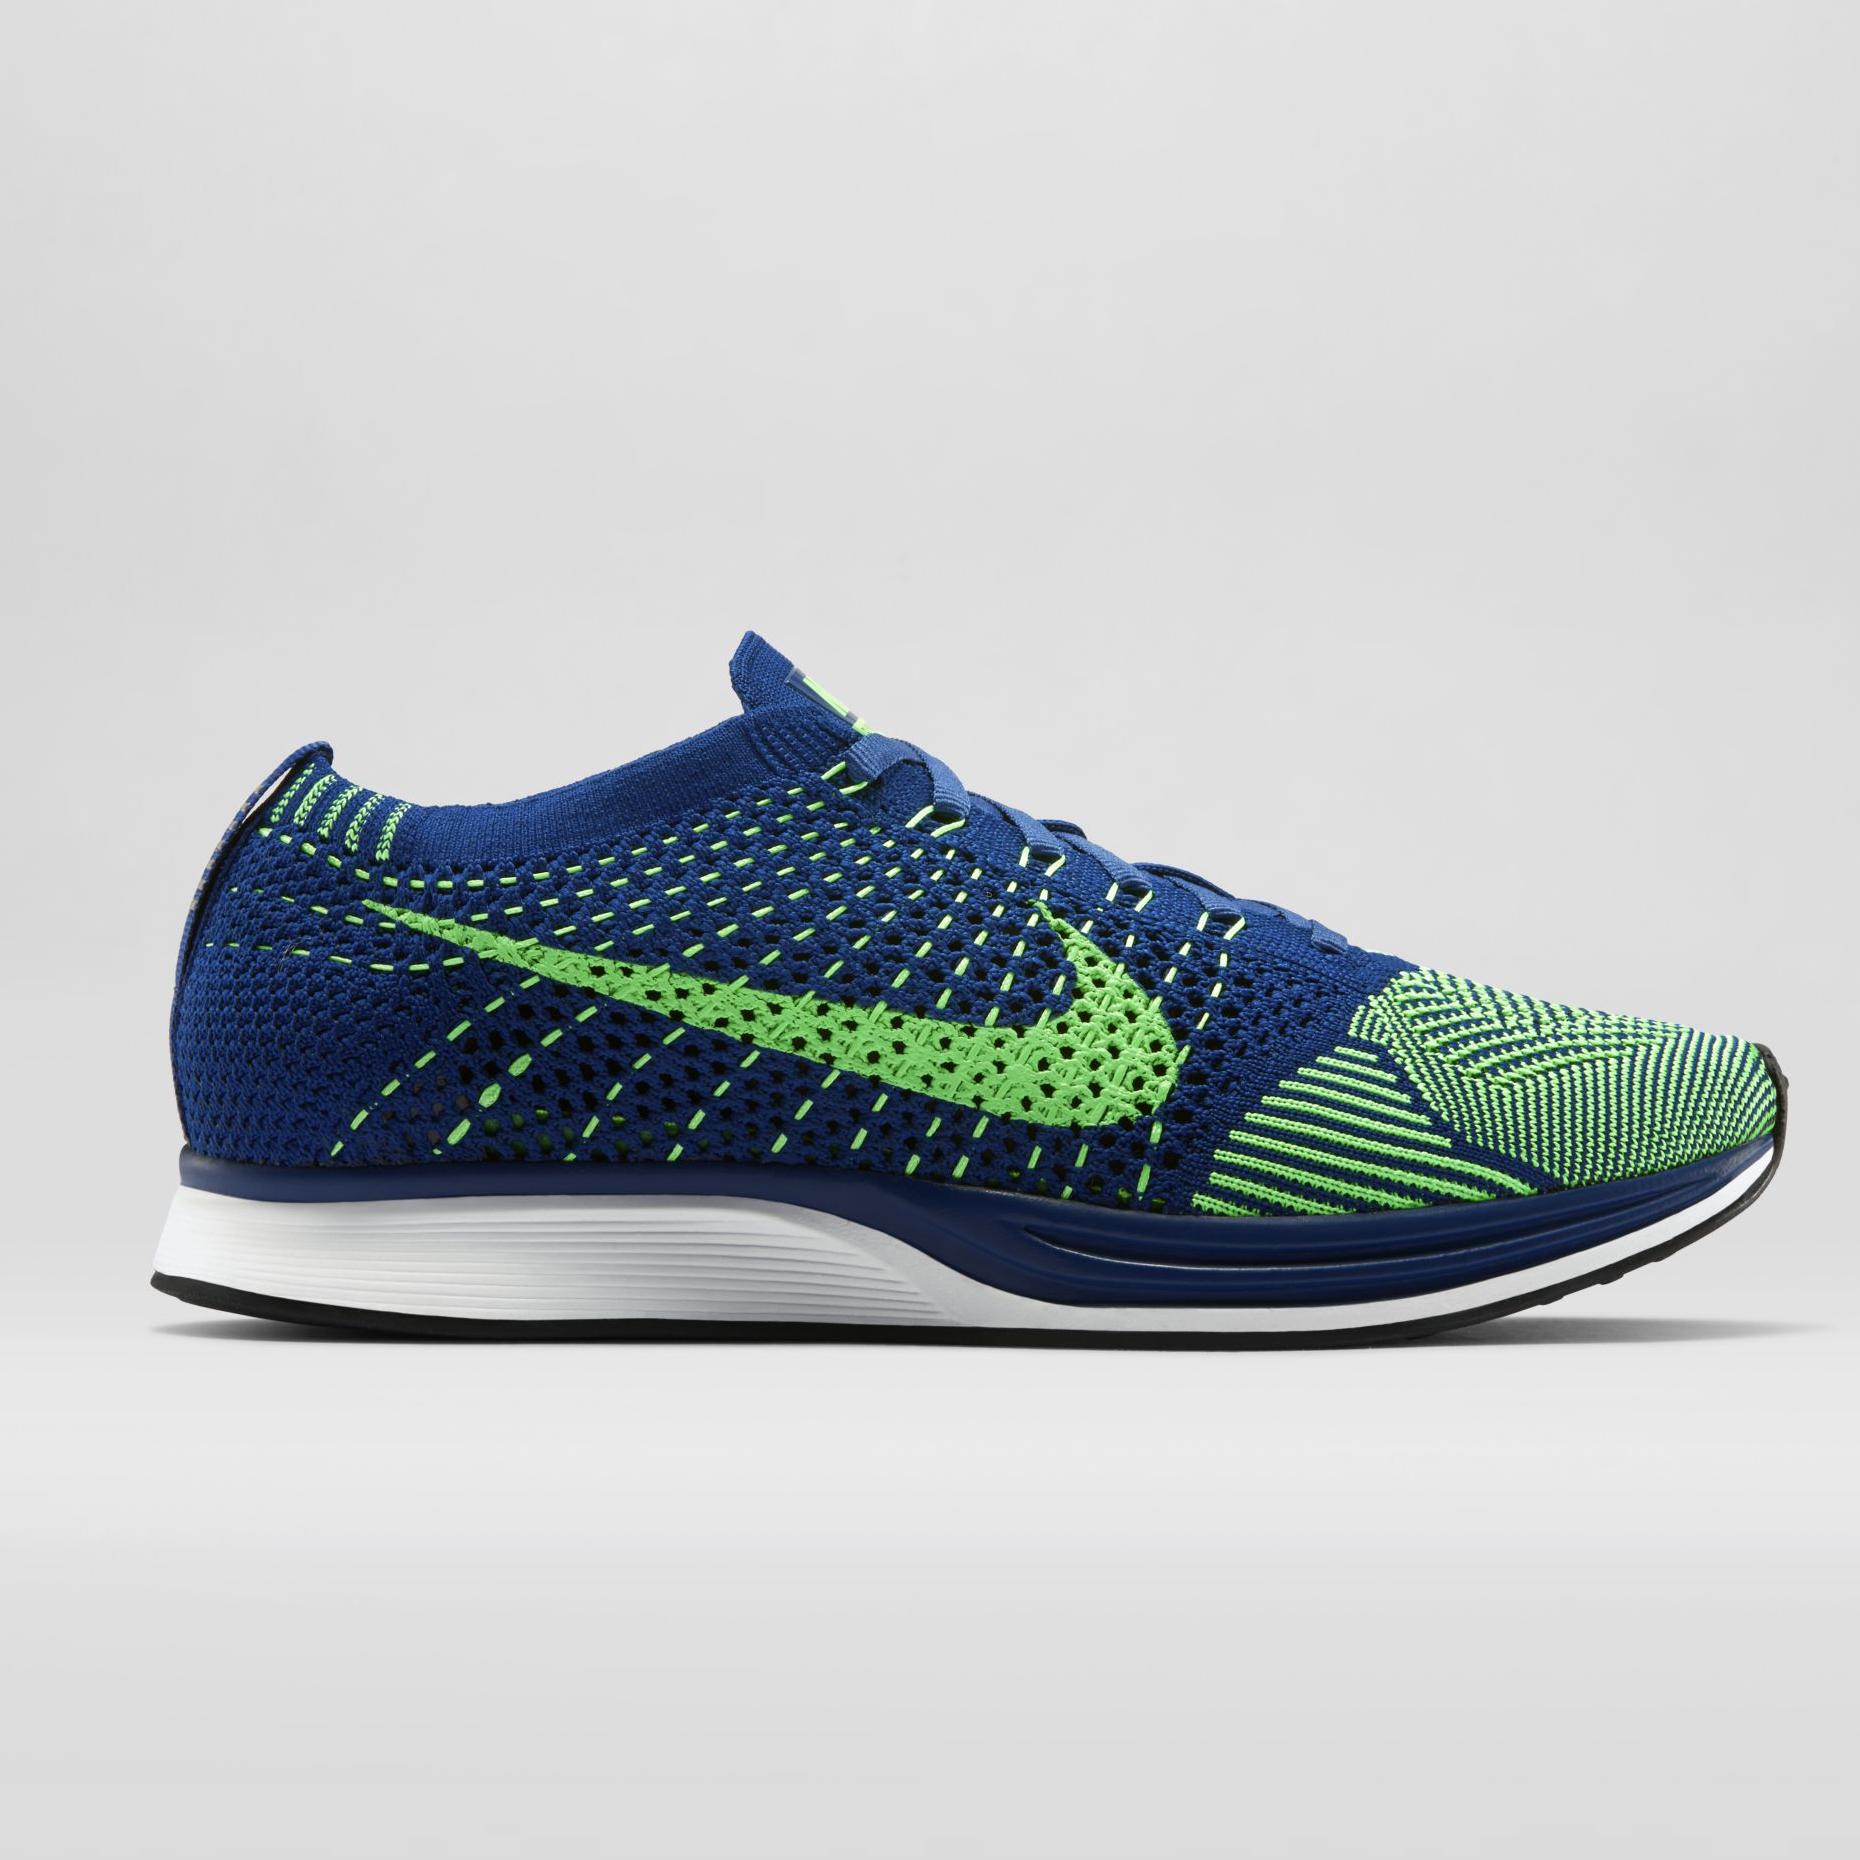 4b787375d264 Nike Flyknit Racer